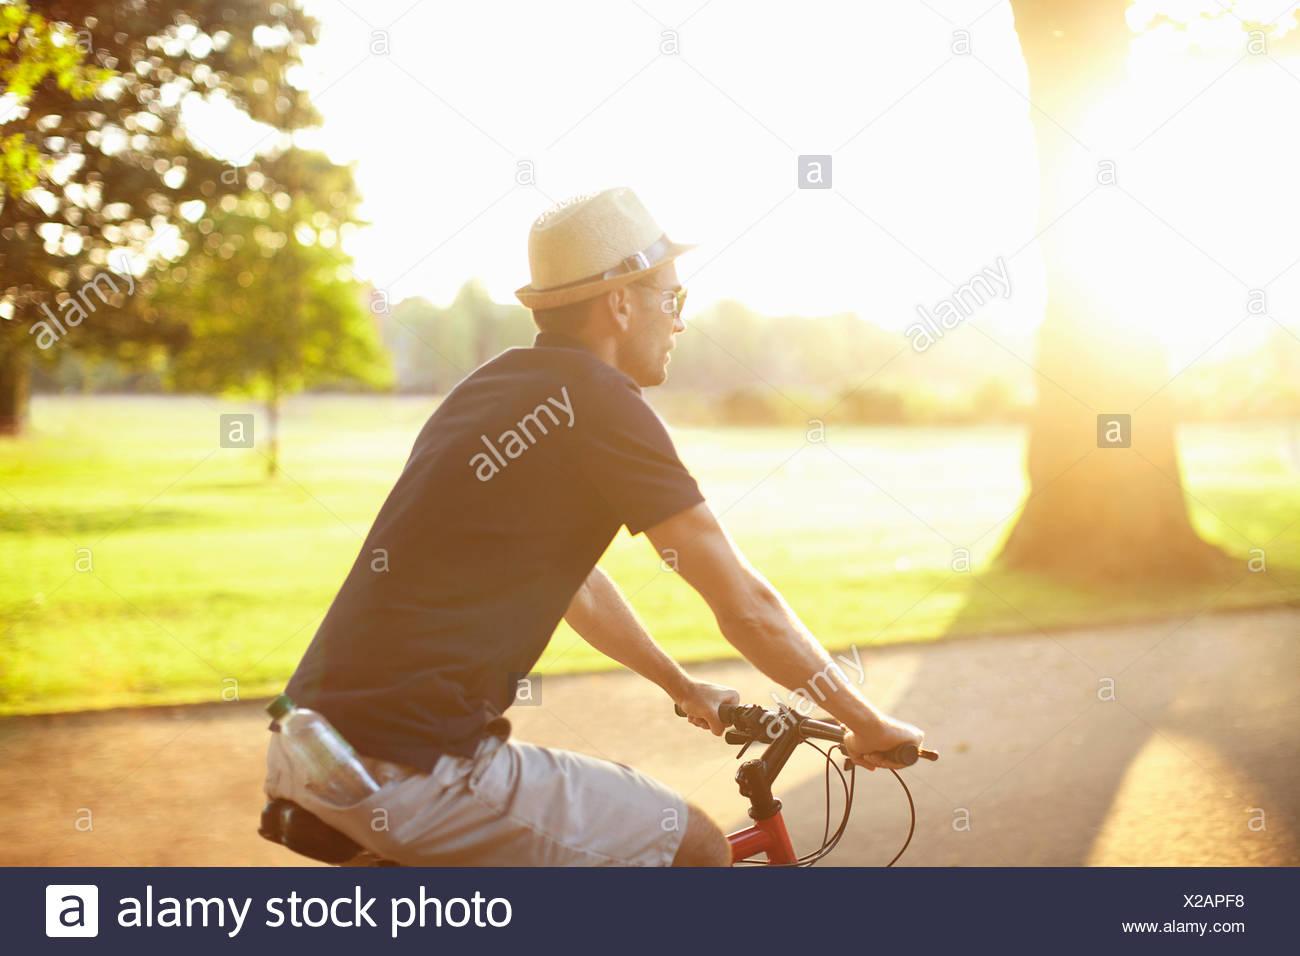 Metà uomo adulto bicicletta equitazione nel Parco soleggiato Immagini Stock